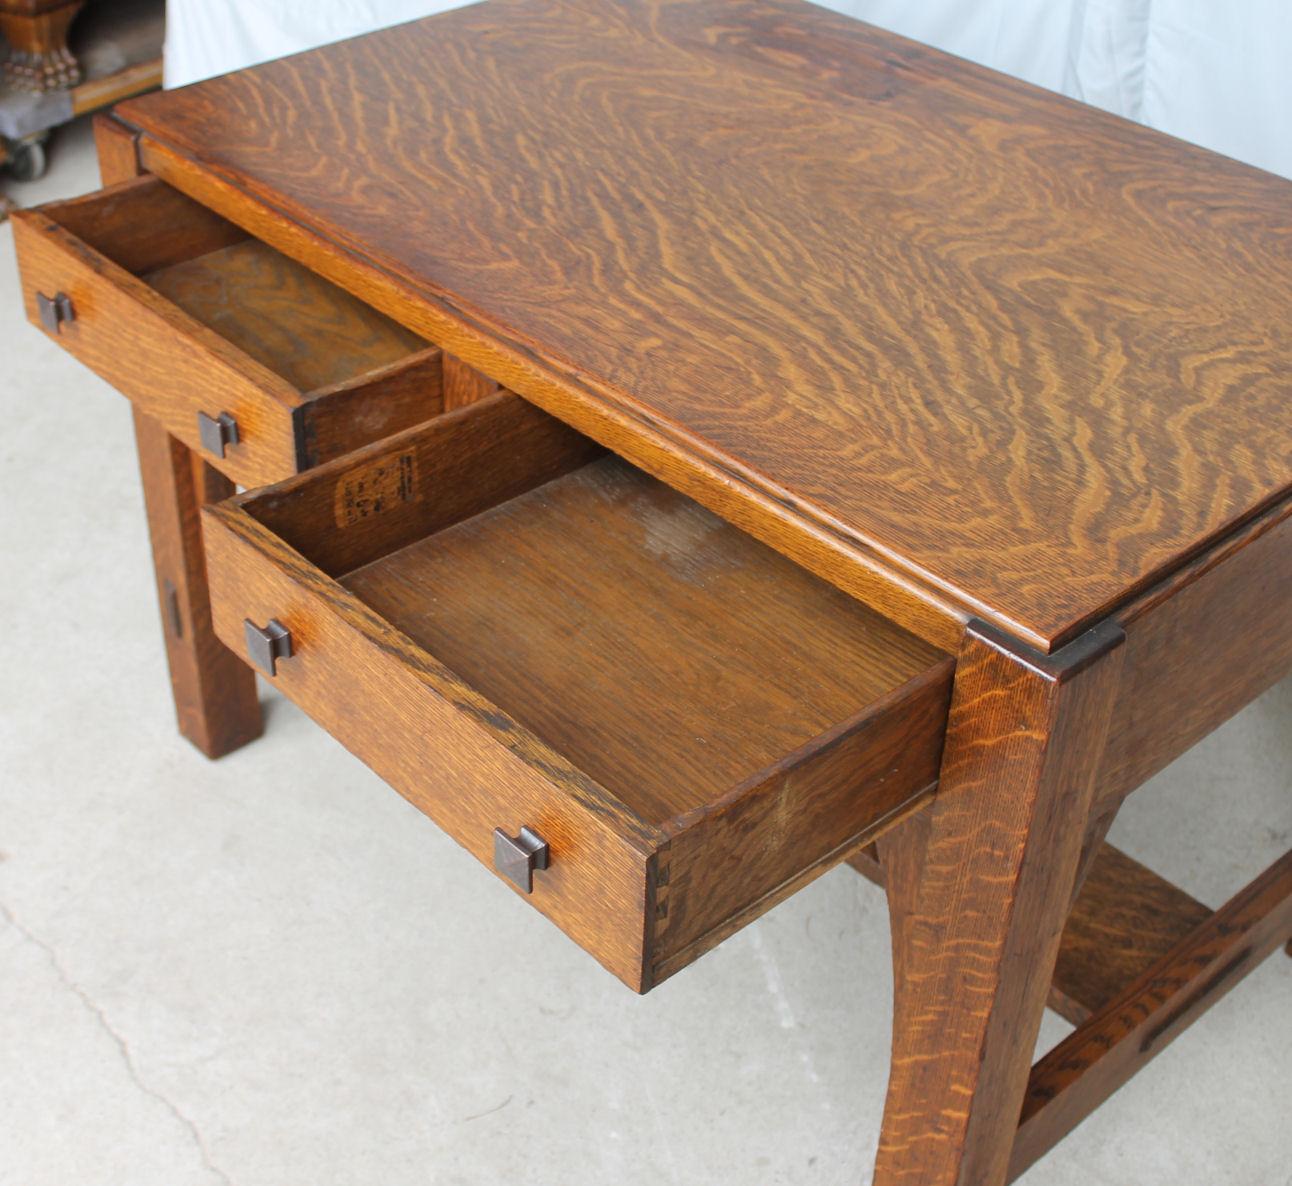 Bargain Johns Antiques  Mission Oak Library Table desk made by Limbert  Bargain Johns Antiques